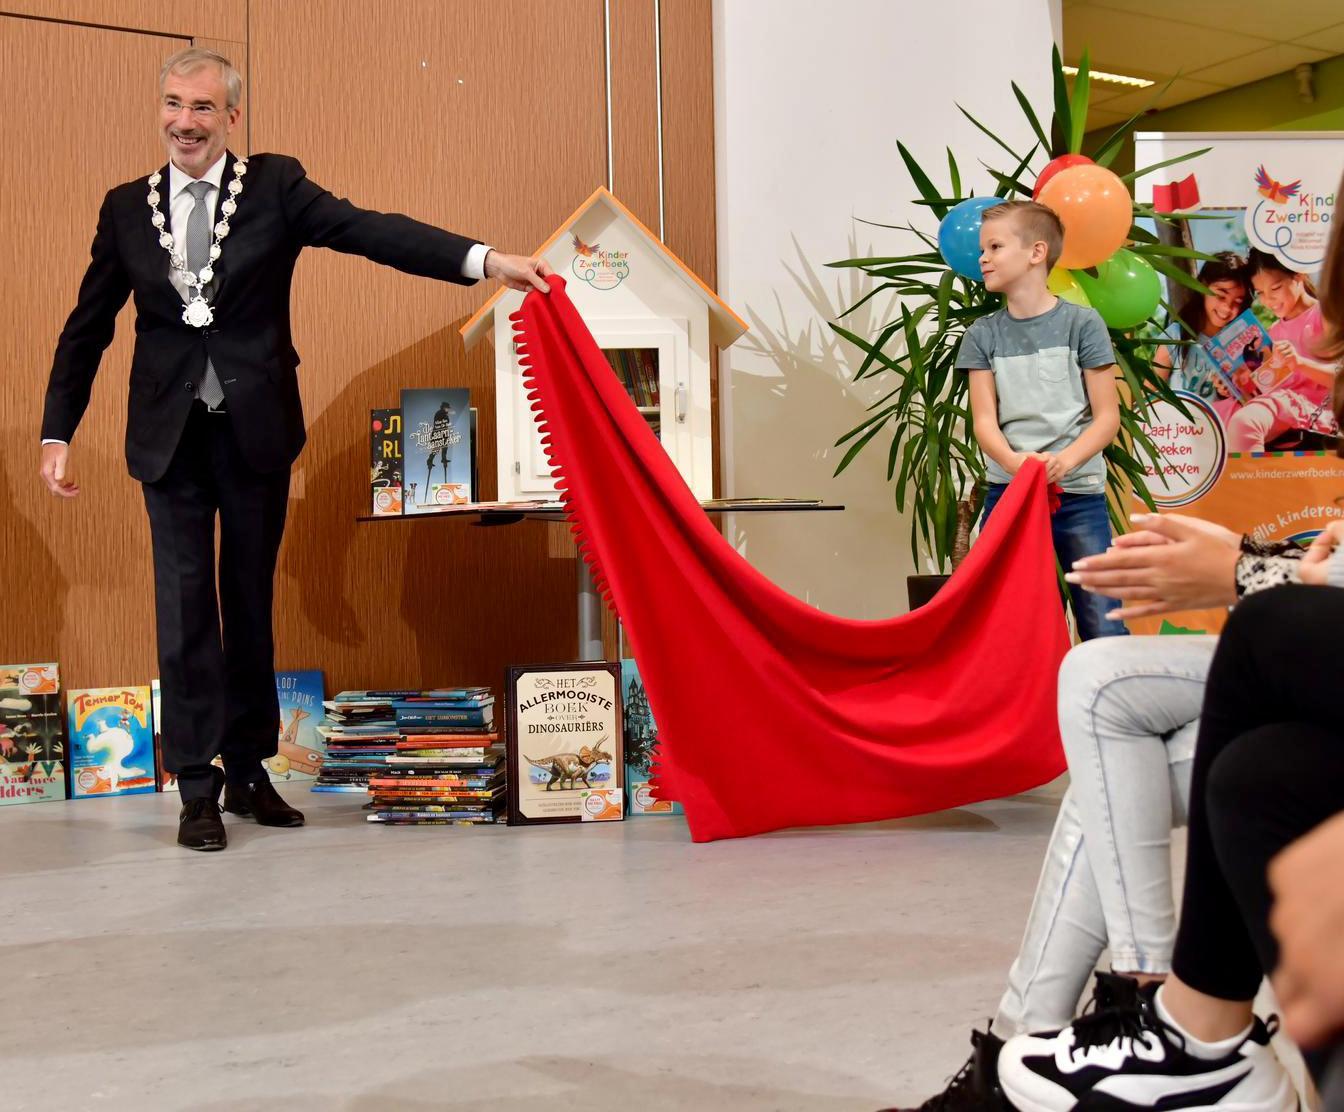 Door onvoldoende lezen hebben kinderen taalachterstand. Kinderzwerfboek 'Bart & Bouke' bereikt Noord-Holland en wil daar wat tegen doen